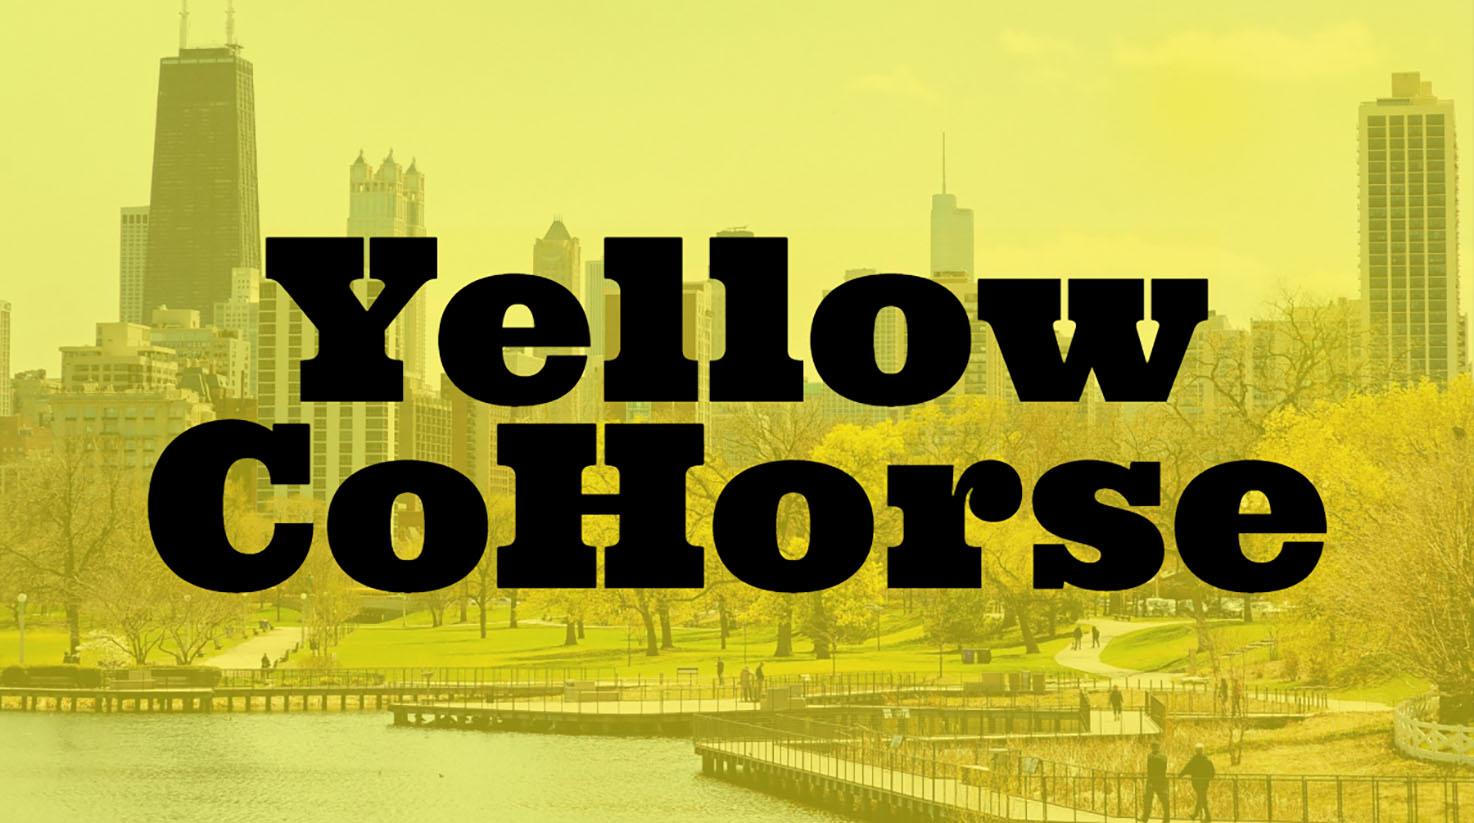 Yellow CoHorse